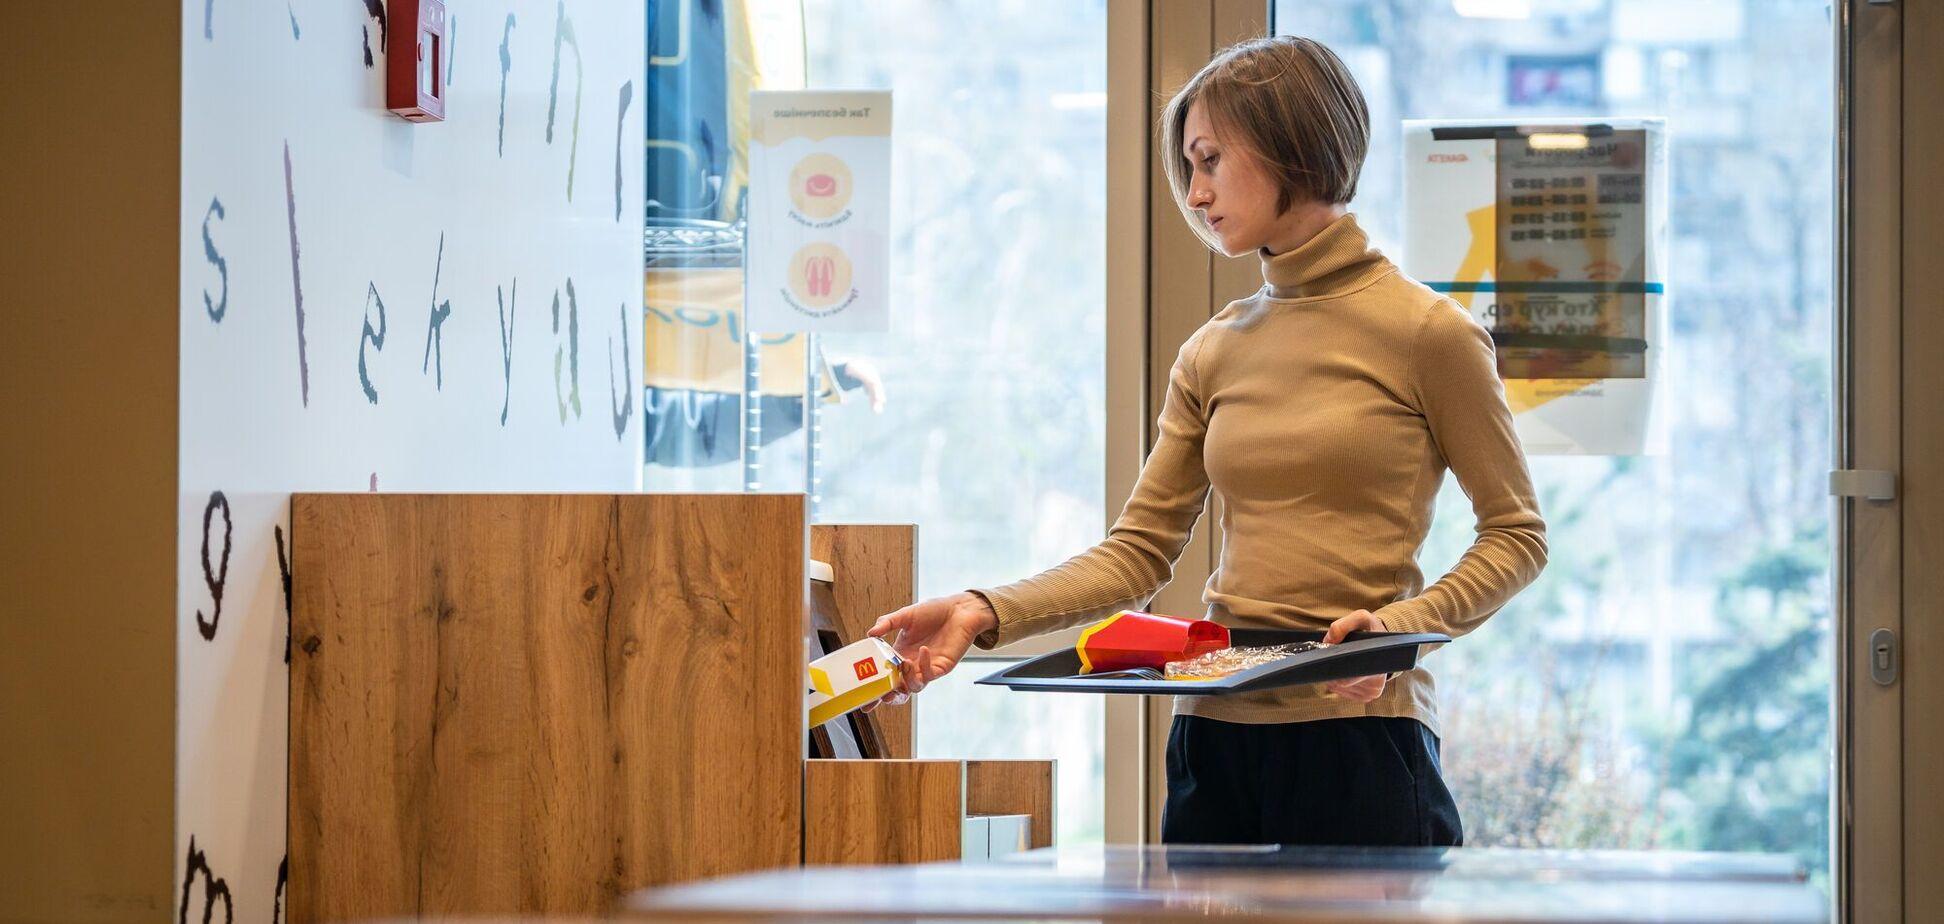 Планета в захваті від тебе: як McDonald's дає відходам друге життя і піклується про екологію України і світу